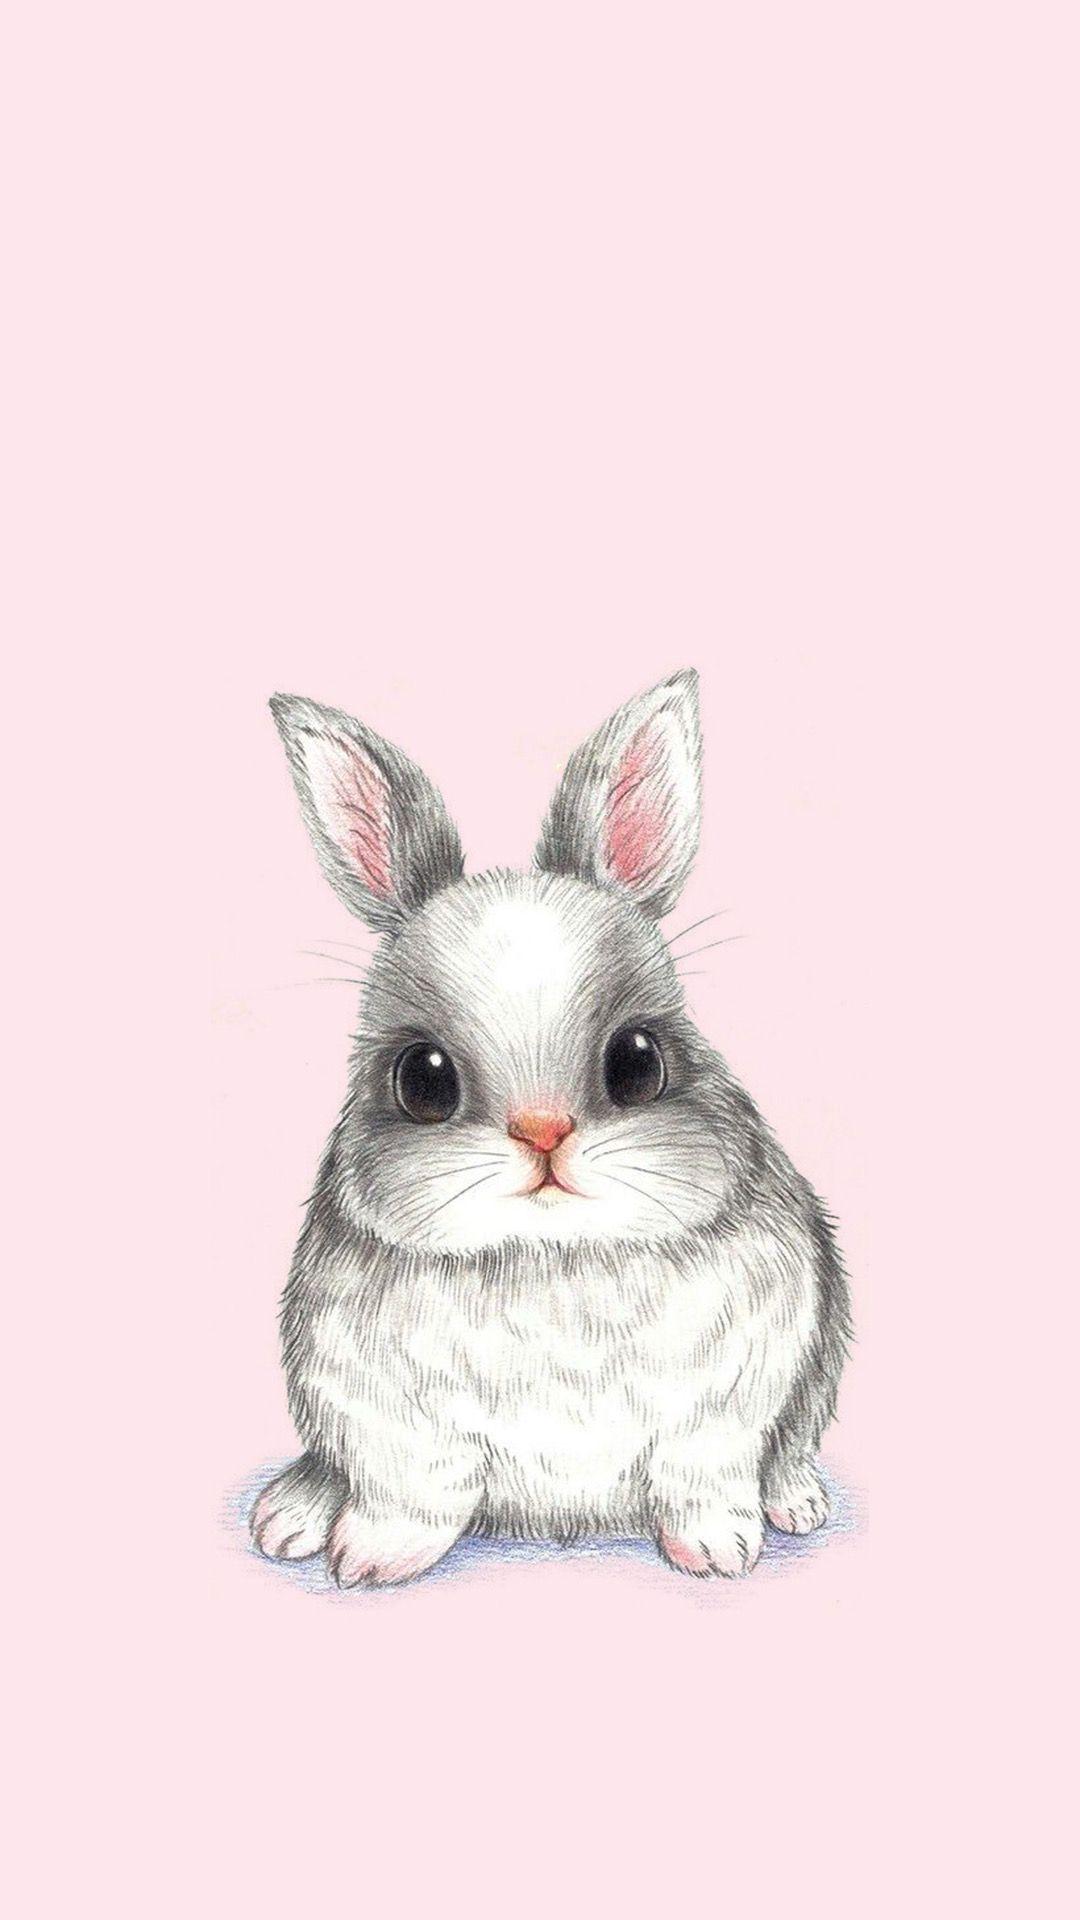 Pin on Rabbit Conejo Lapin Kani Bunny 1080x1920